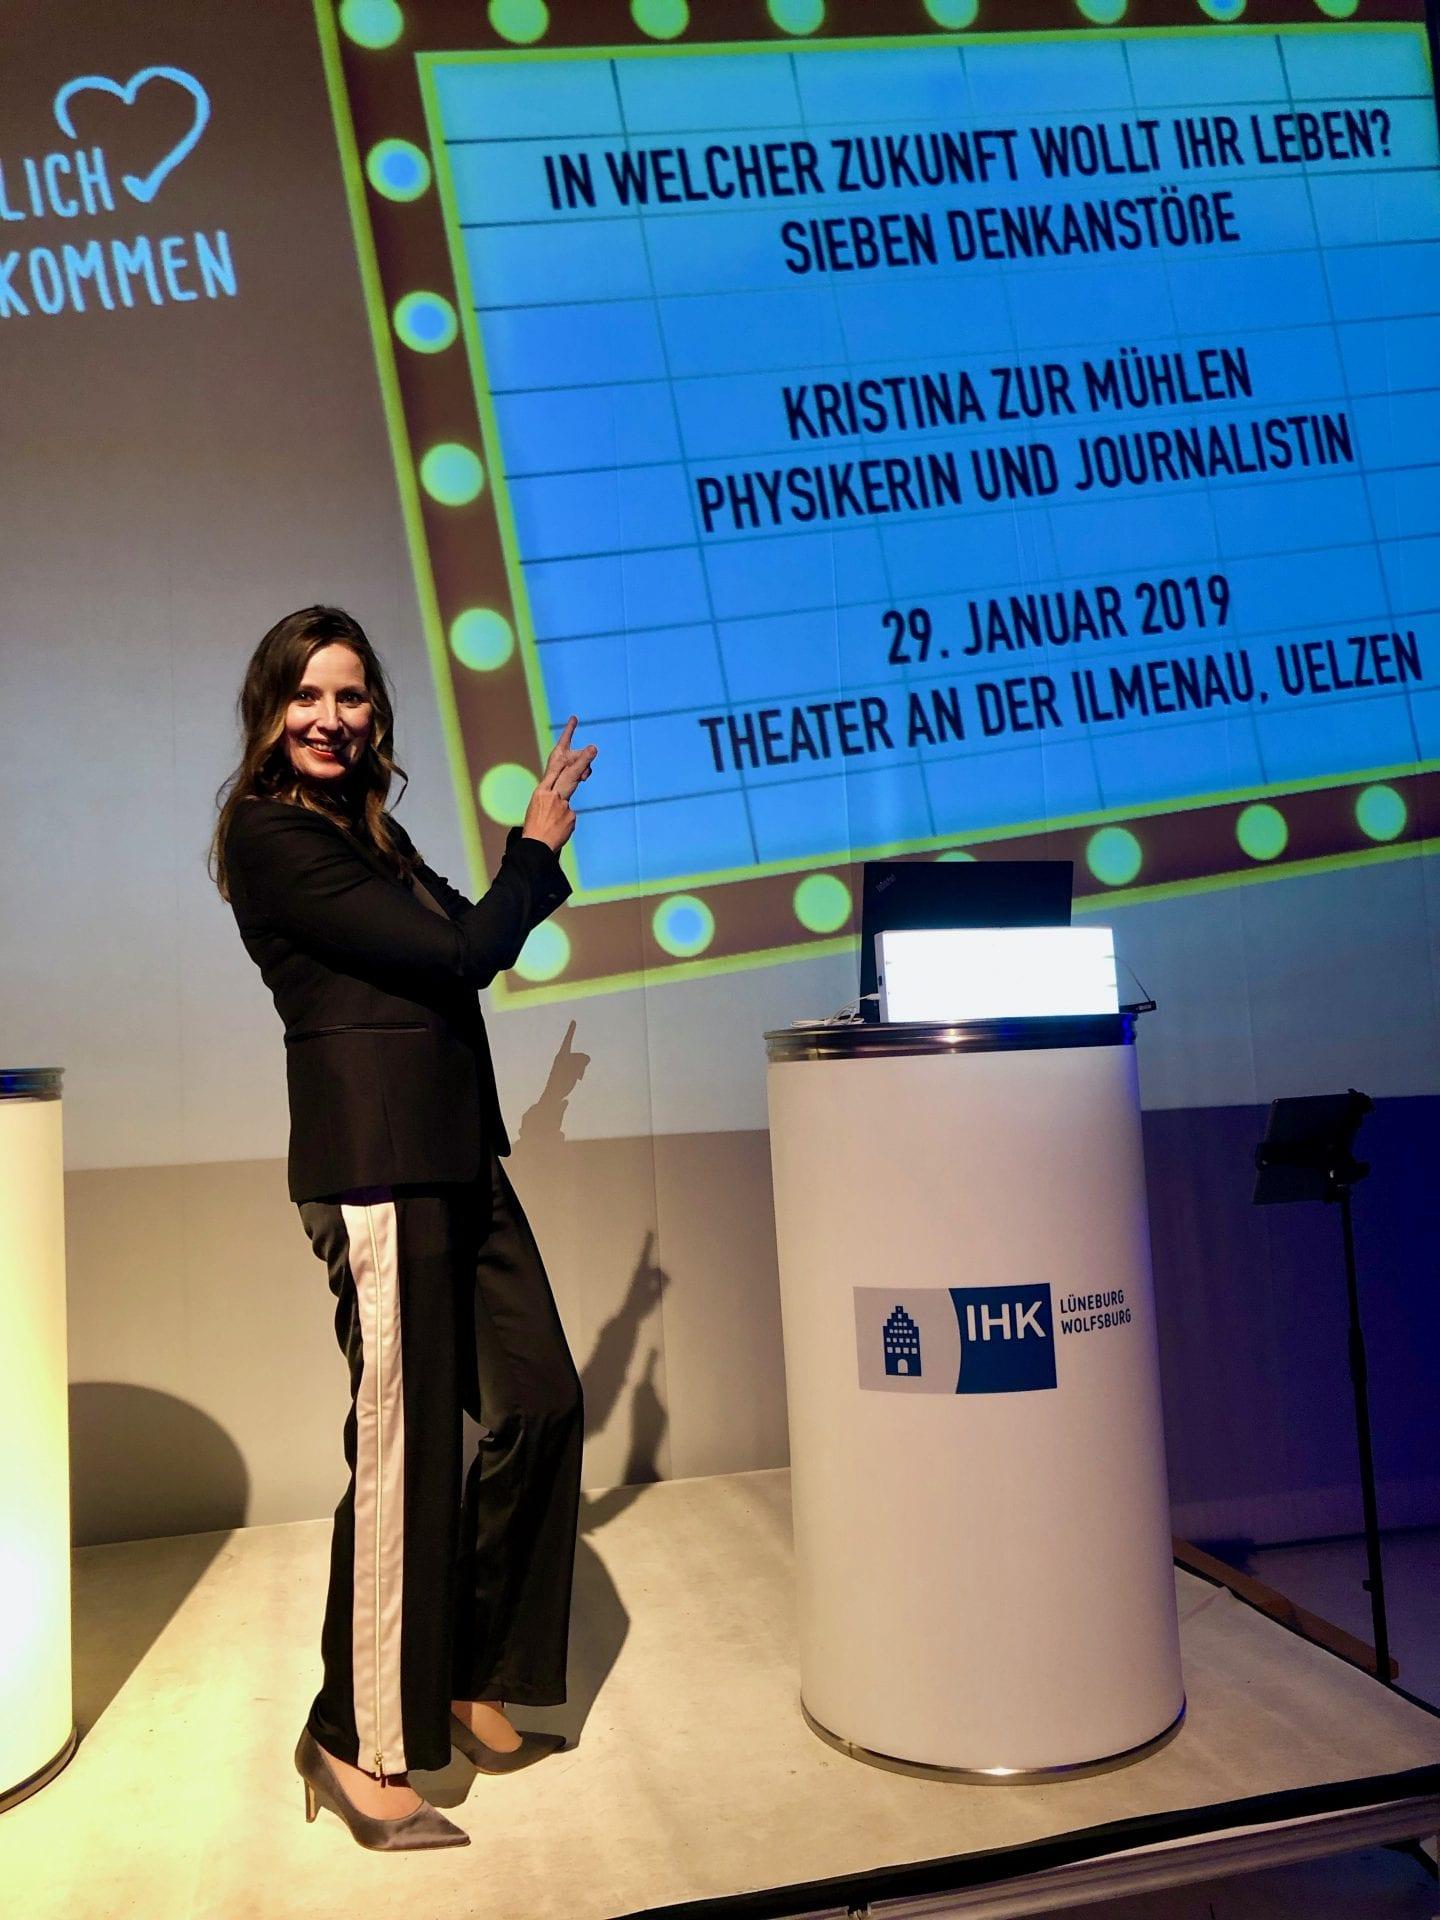 Kristina zur Mühlen auf Bühne |zeigt auf Leinwand mit Keynote-Titel